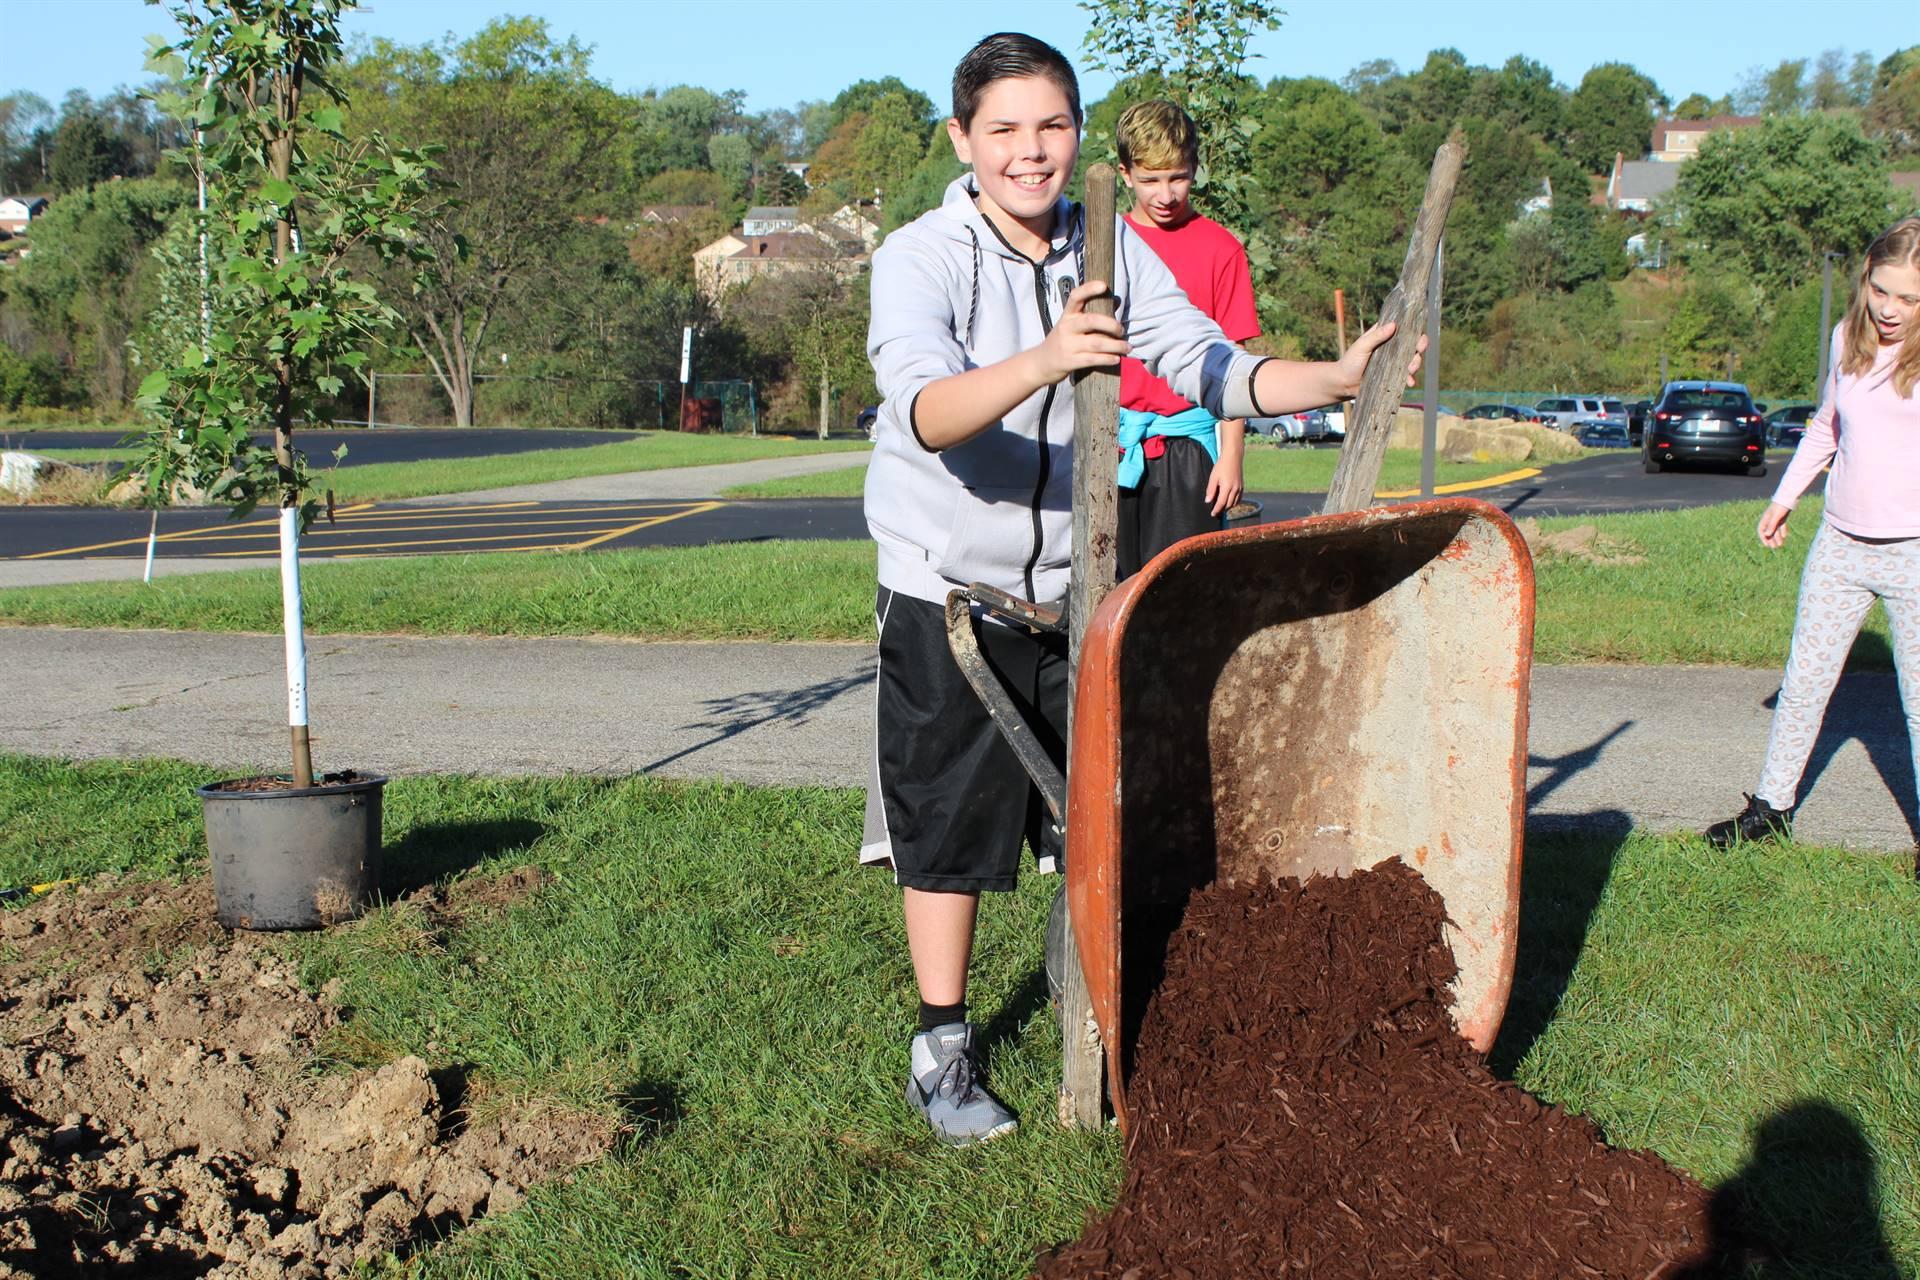 Student dumping mulch from a wheelbarrow